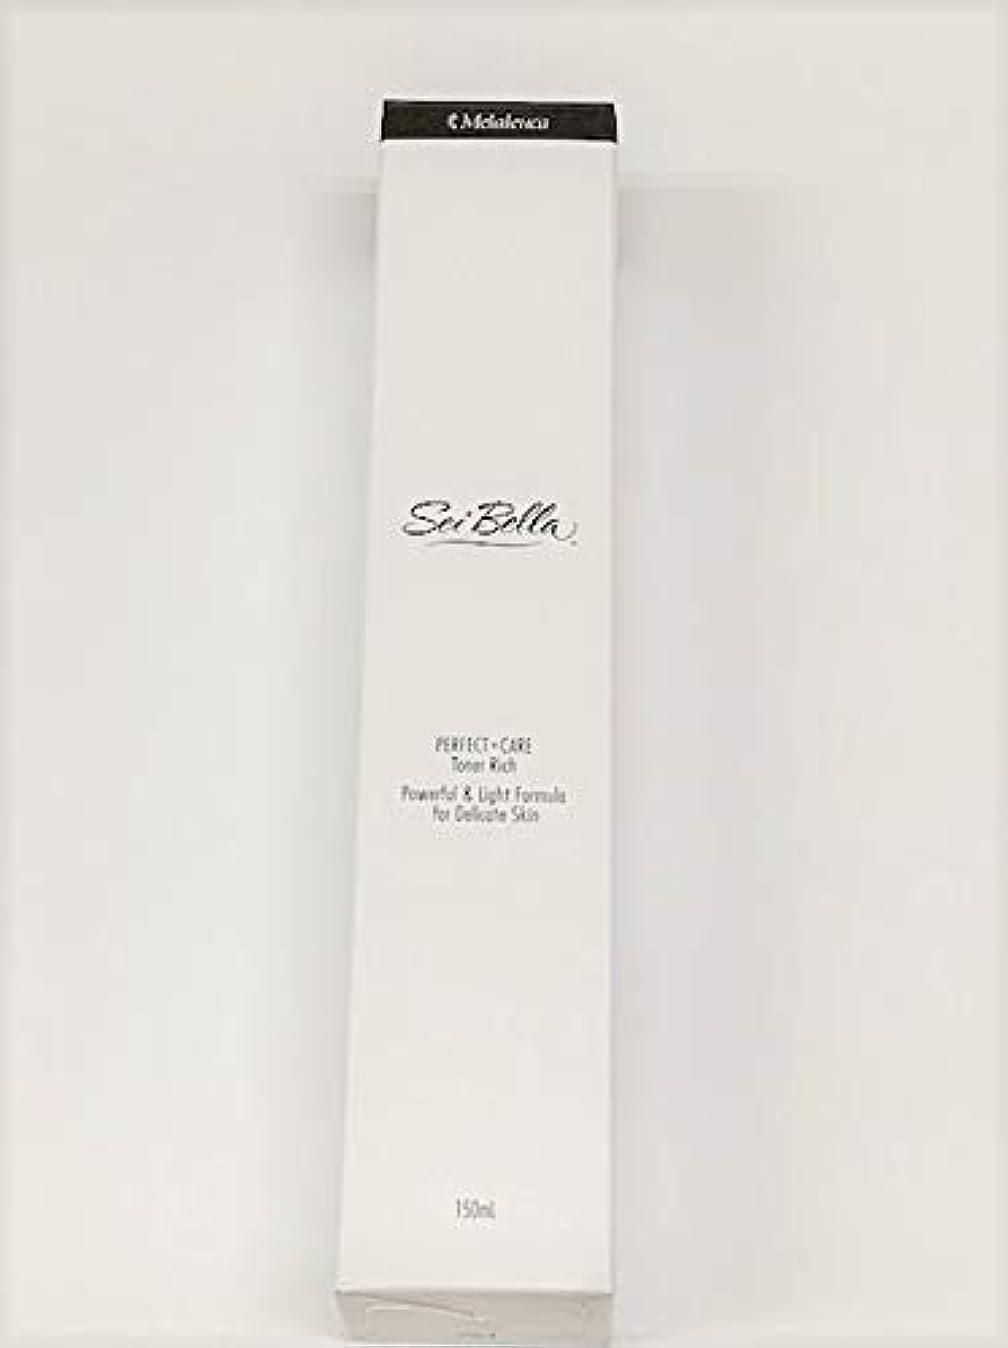 囚人呼ぶ食欲Melaleuca メラルーカ セイベラ パーフェクトケア トーナー リッチ (化粧水) 敏感肌用 150ml